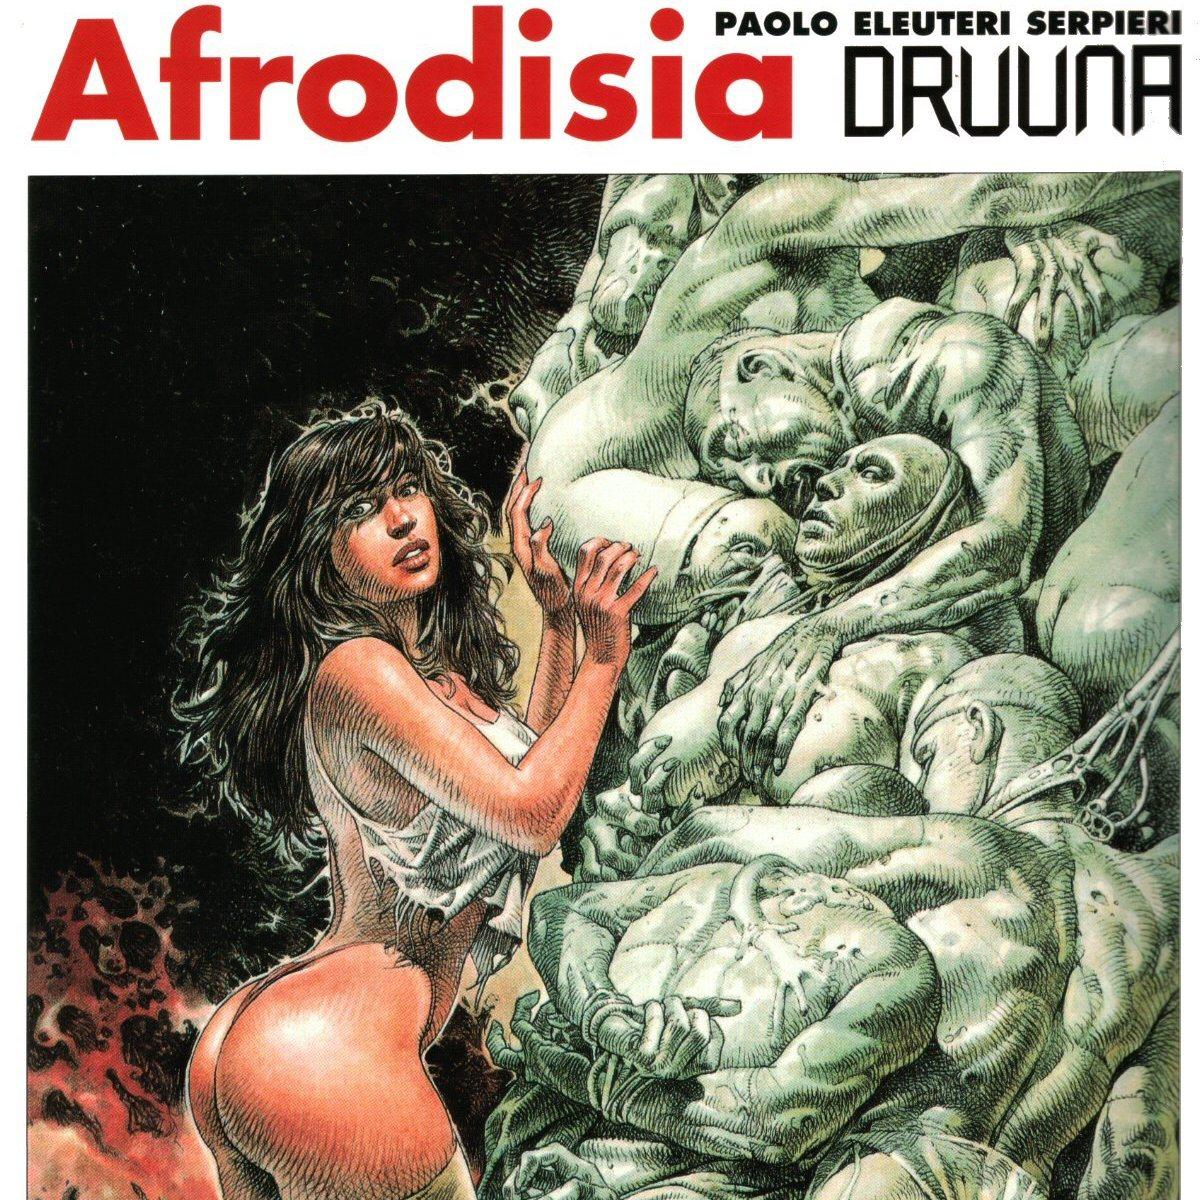 Comic X - Afrodisia (Druuna 6) de Serpieri